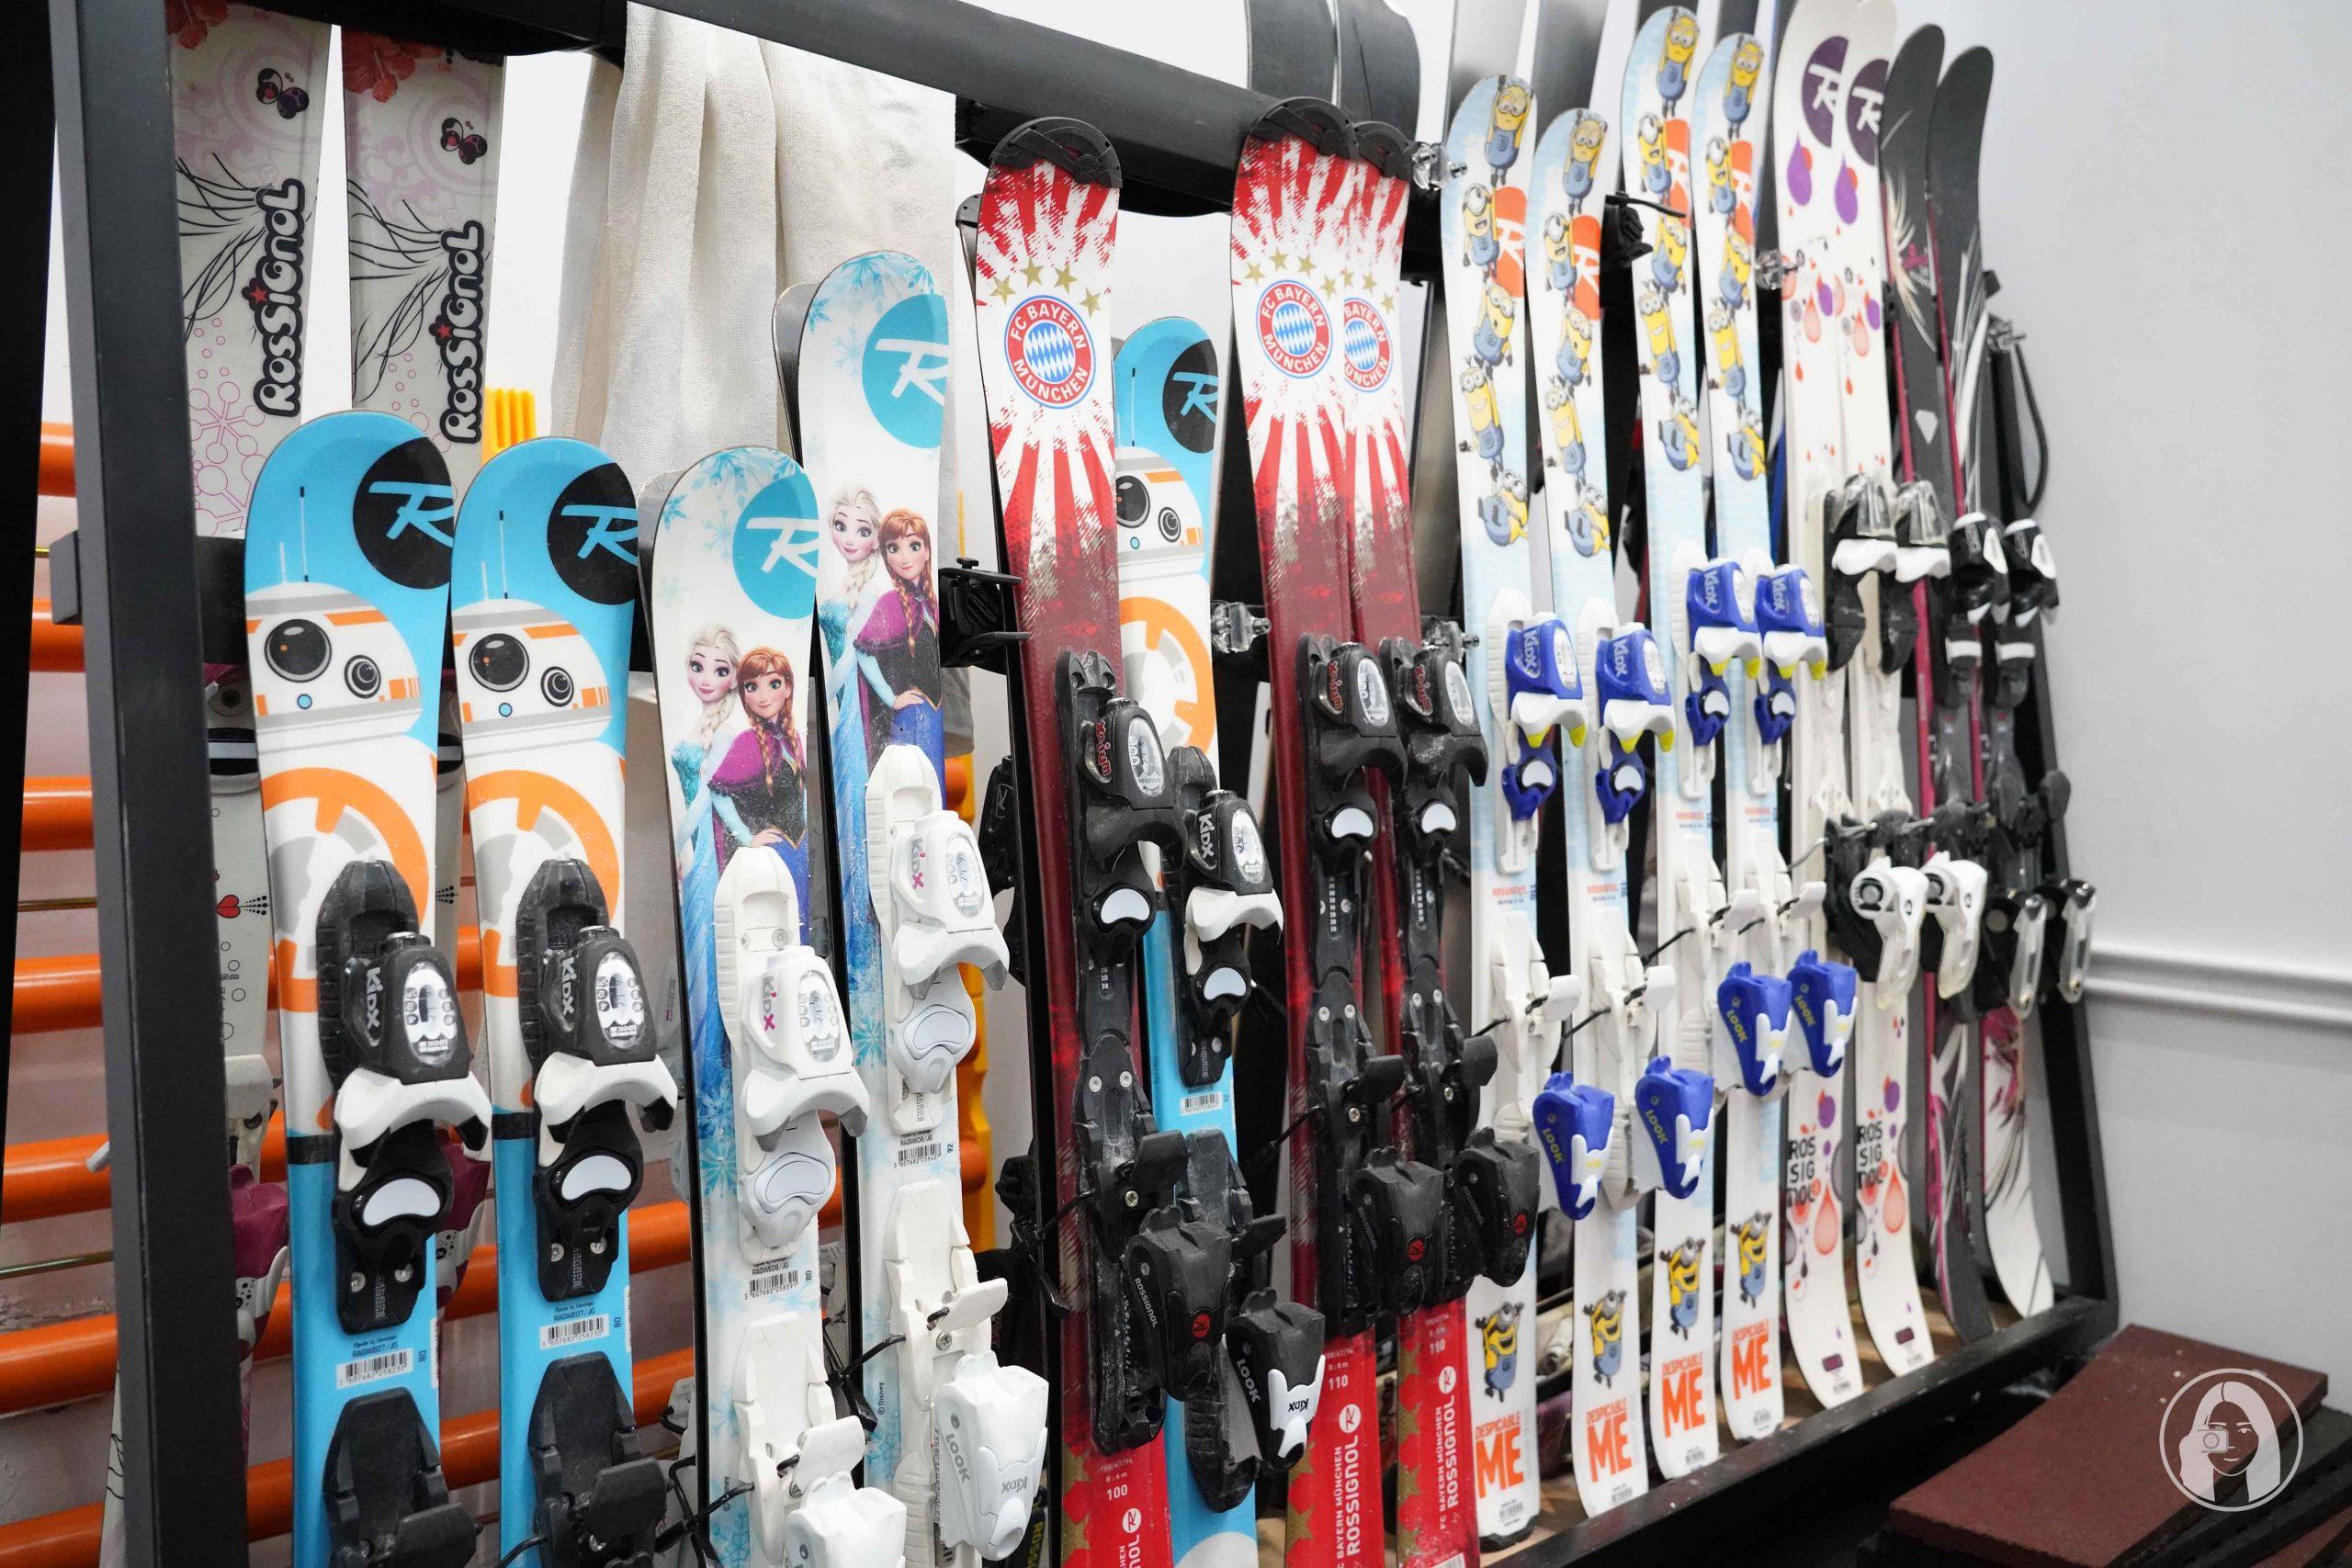 滑遍天下滑雪中心 雪板